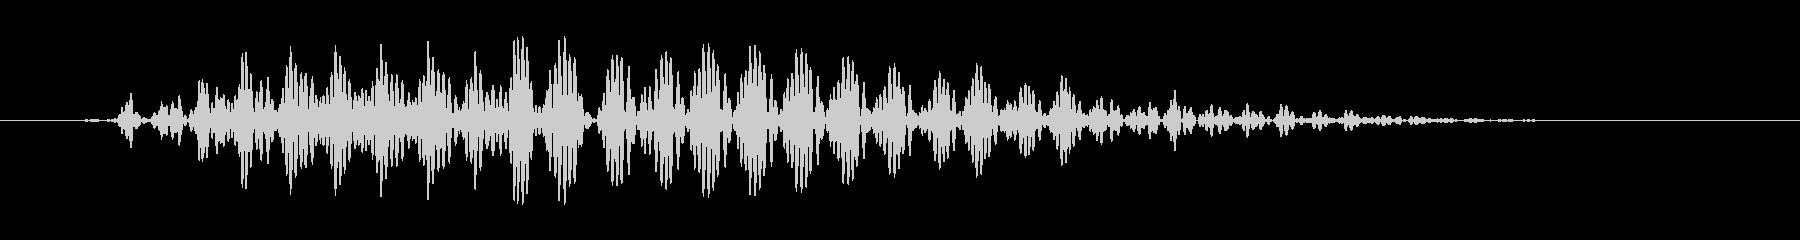 腹ぺこ・お腹が鳴る音(グゥ〜)の未再生の波形